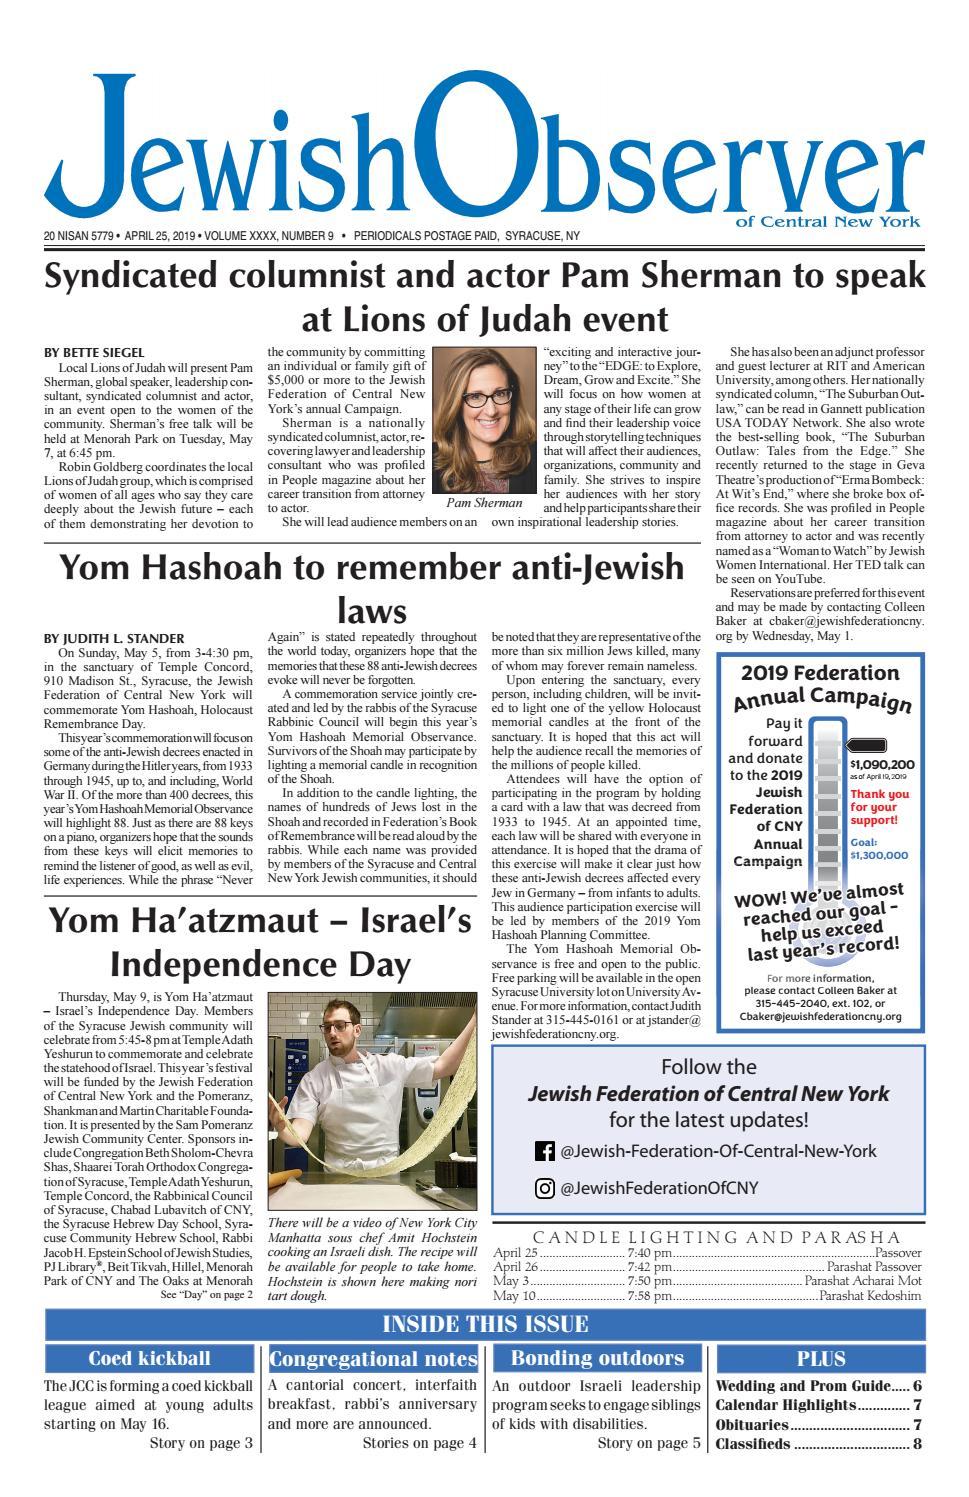 Jewish Observer Newspaper Issue of April 25, 2019 by Jewish